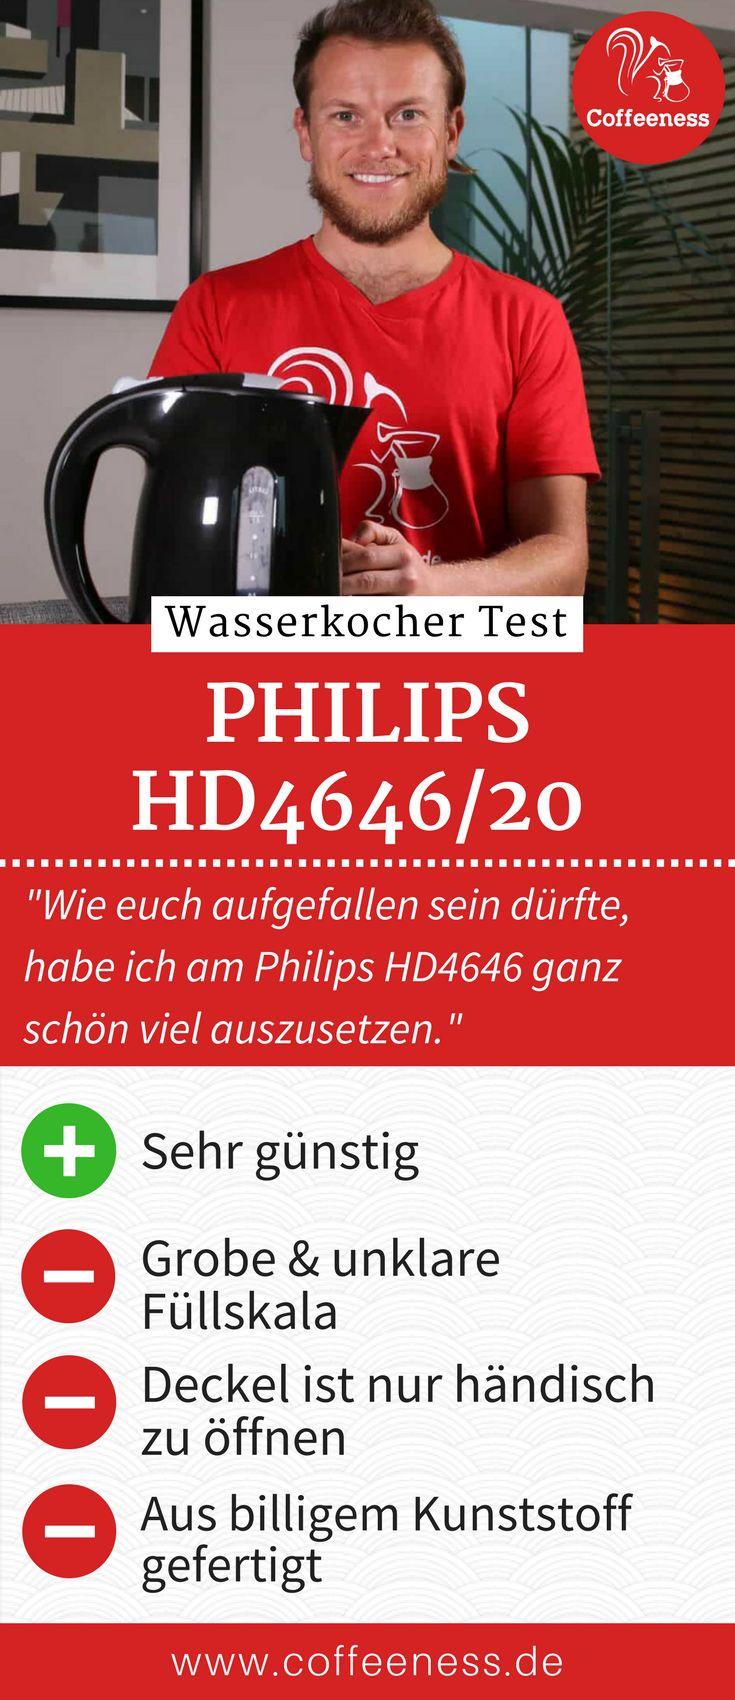 Wie euch aufgefallen sein dürfte, habe ich am Philips HD4646 ganz schön viel auszusetzen. Auf der anderen Seite finde ich aber, dass das bei einem Preis von 20 Euro irgendwie zu erwarten war. Ja, der Kocher kocht, ja, er tut das auch recht schnell. Welche Wasserkocher für wenig Geld eine deutlich bessere Qualität bieten, erkläre ich euch in meinem ausführlichen Wasserkocher Test auf www.coffeeness.de. #Wasserkocher #Coffeeness #Küche